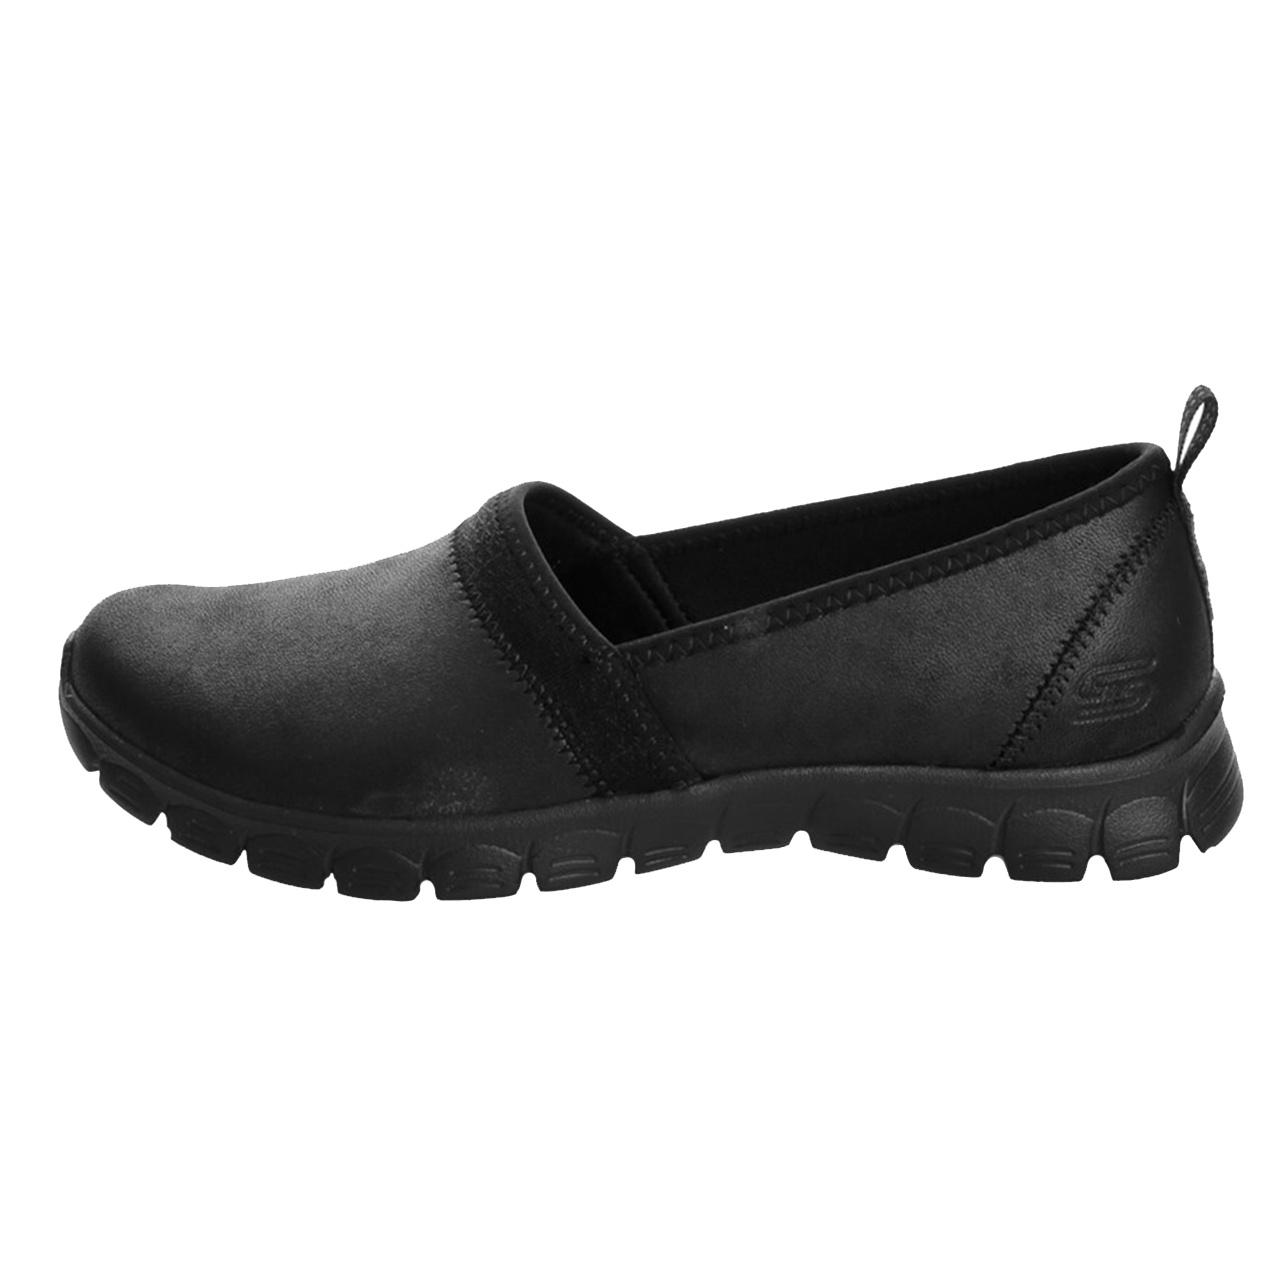 کفش مخصوص پیاده روی زنانه اسکچرز مدل MIRACLE 23435 BBK